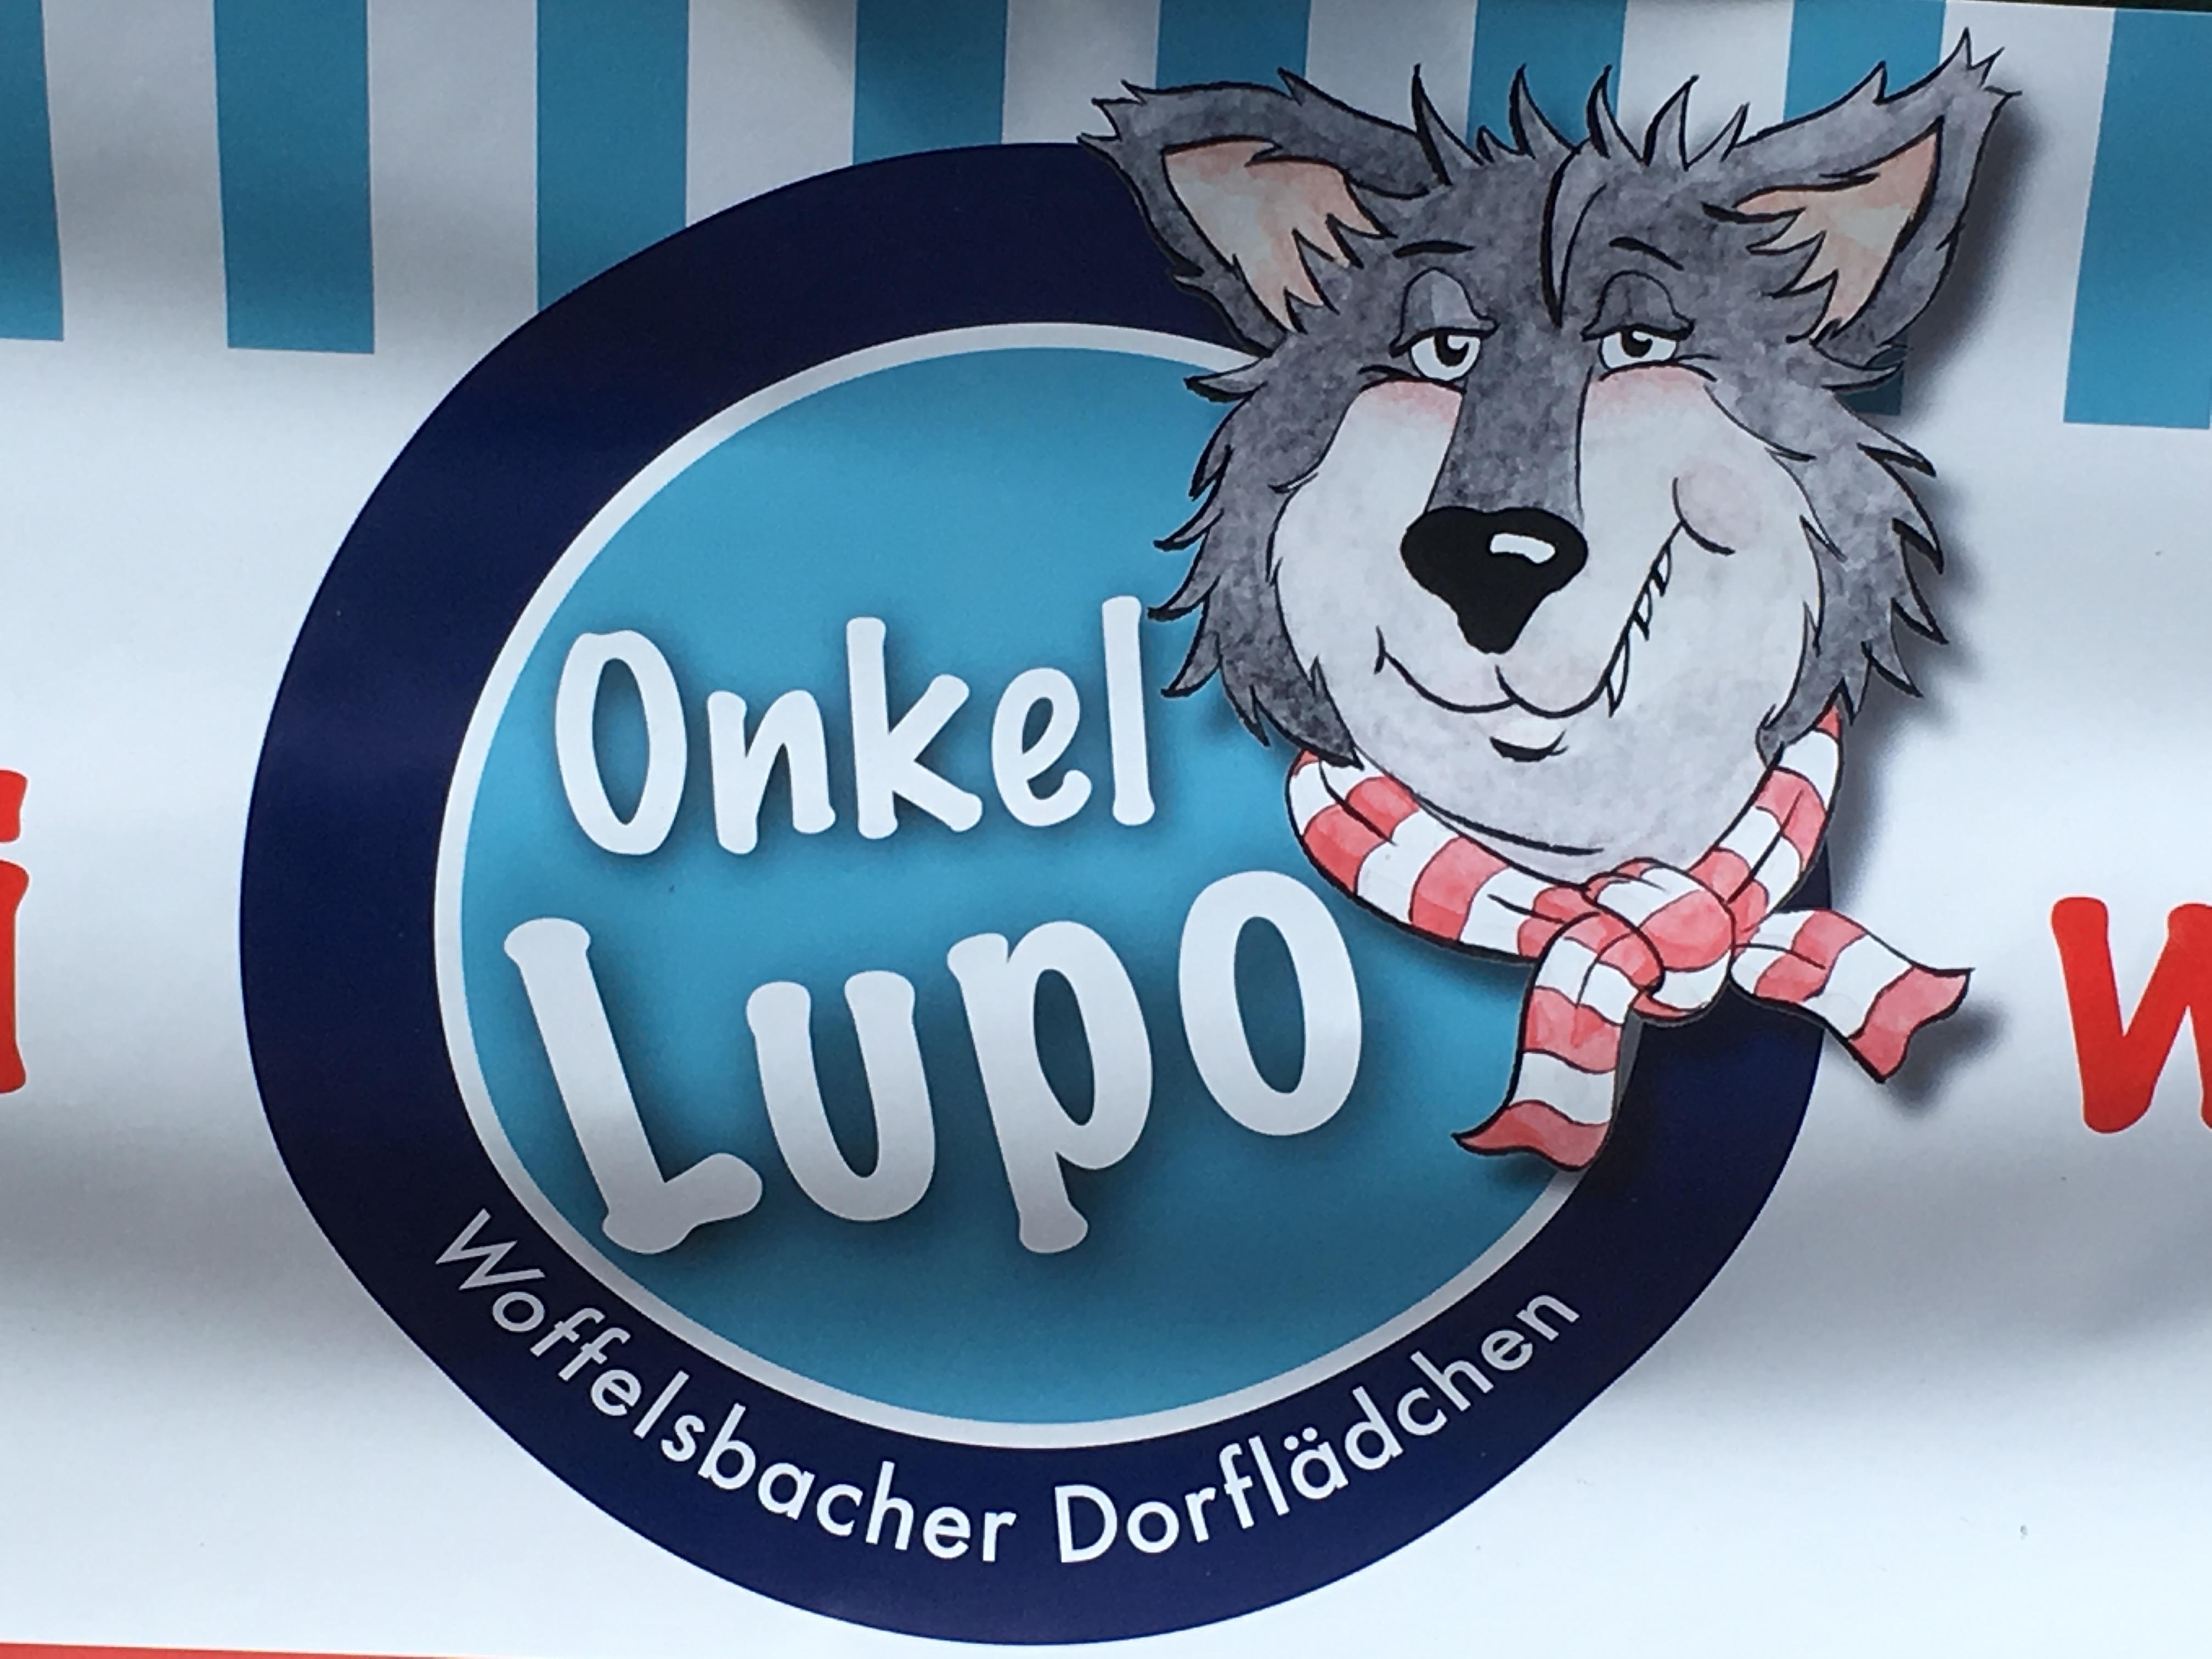 2016_07_13 Logo Onkel Lupo